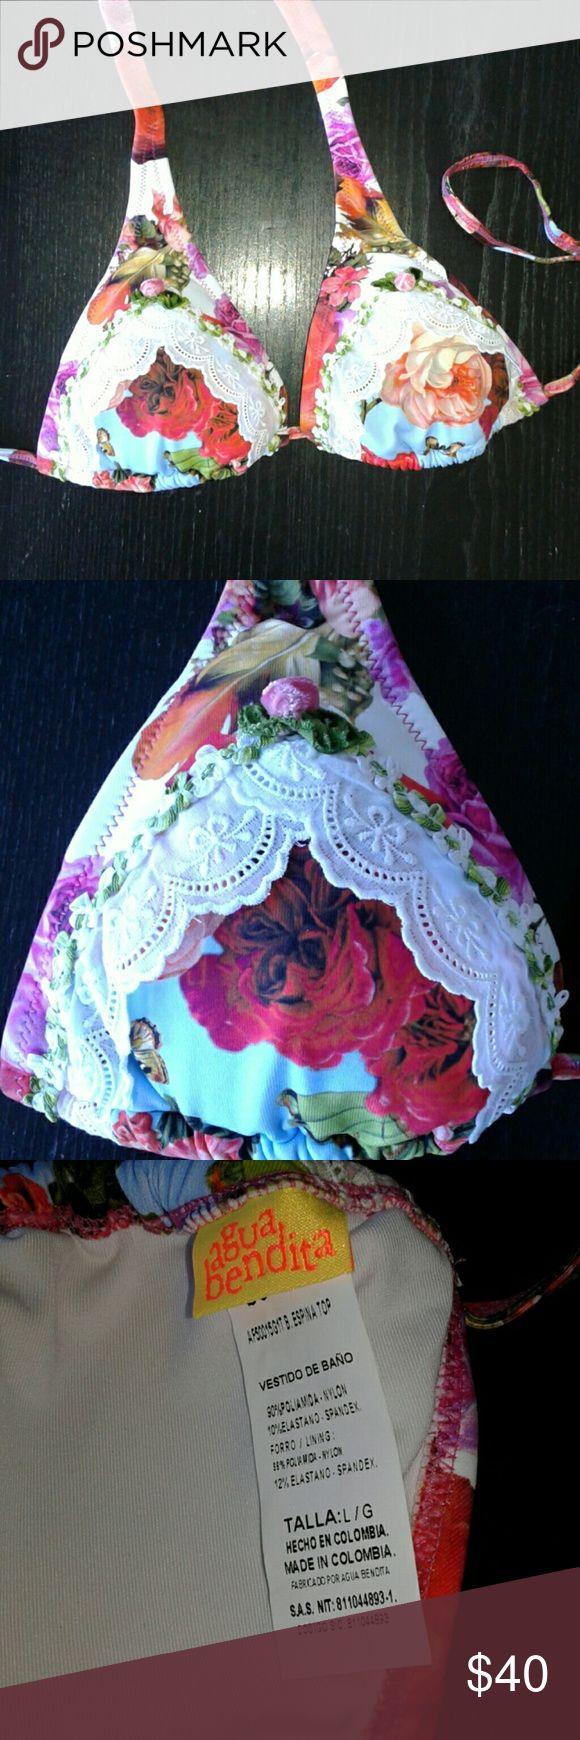 Agua Bendita bikini top Brand new with tags. Size Large. Agua Bendita Swim Bikinis